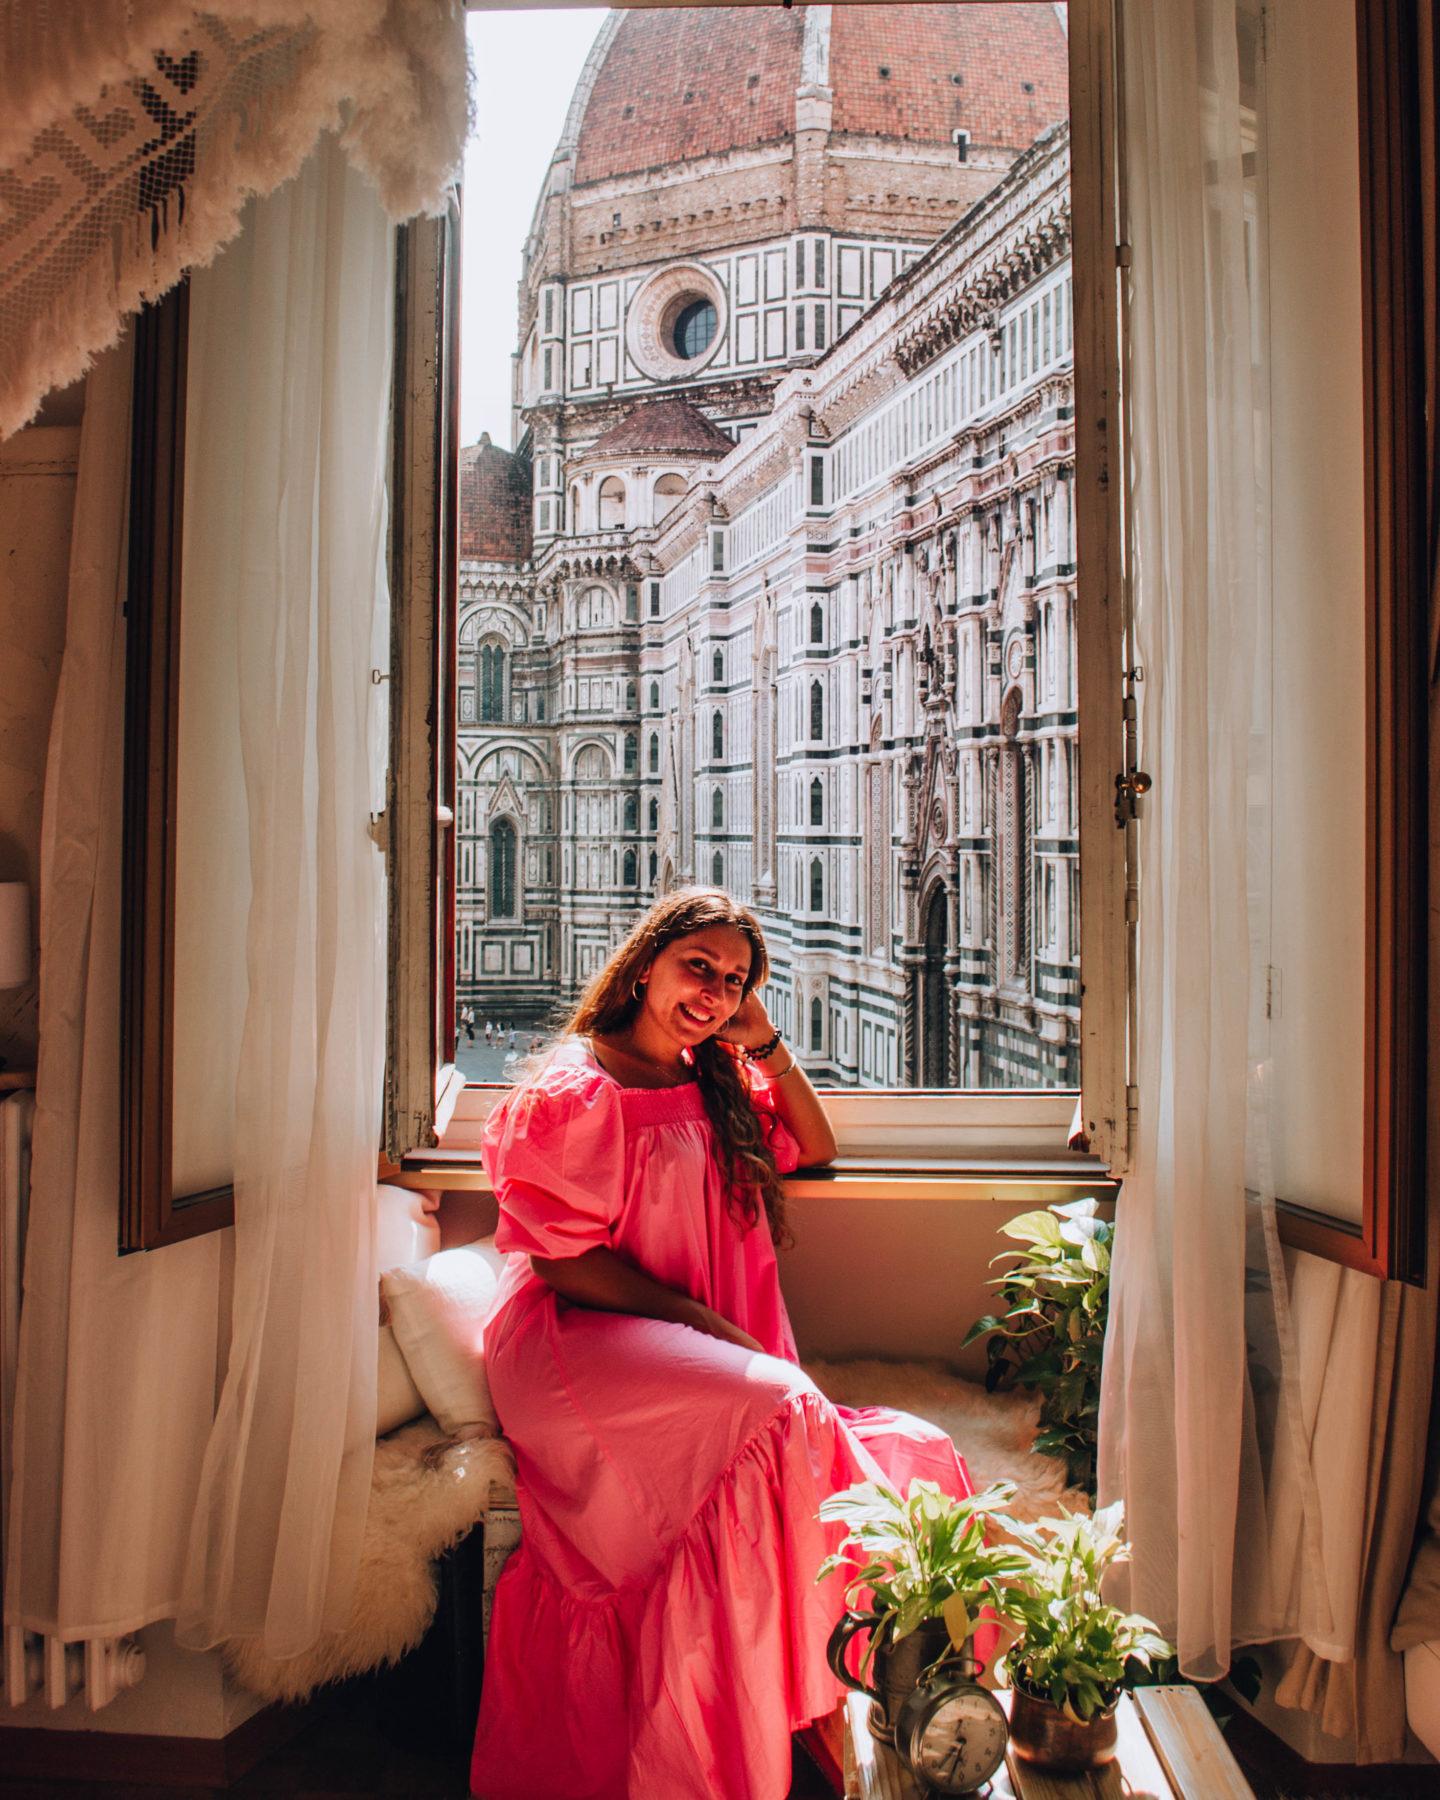 ragazza con vestito rosa alla finestra